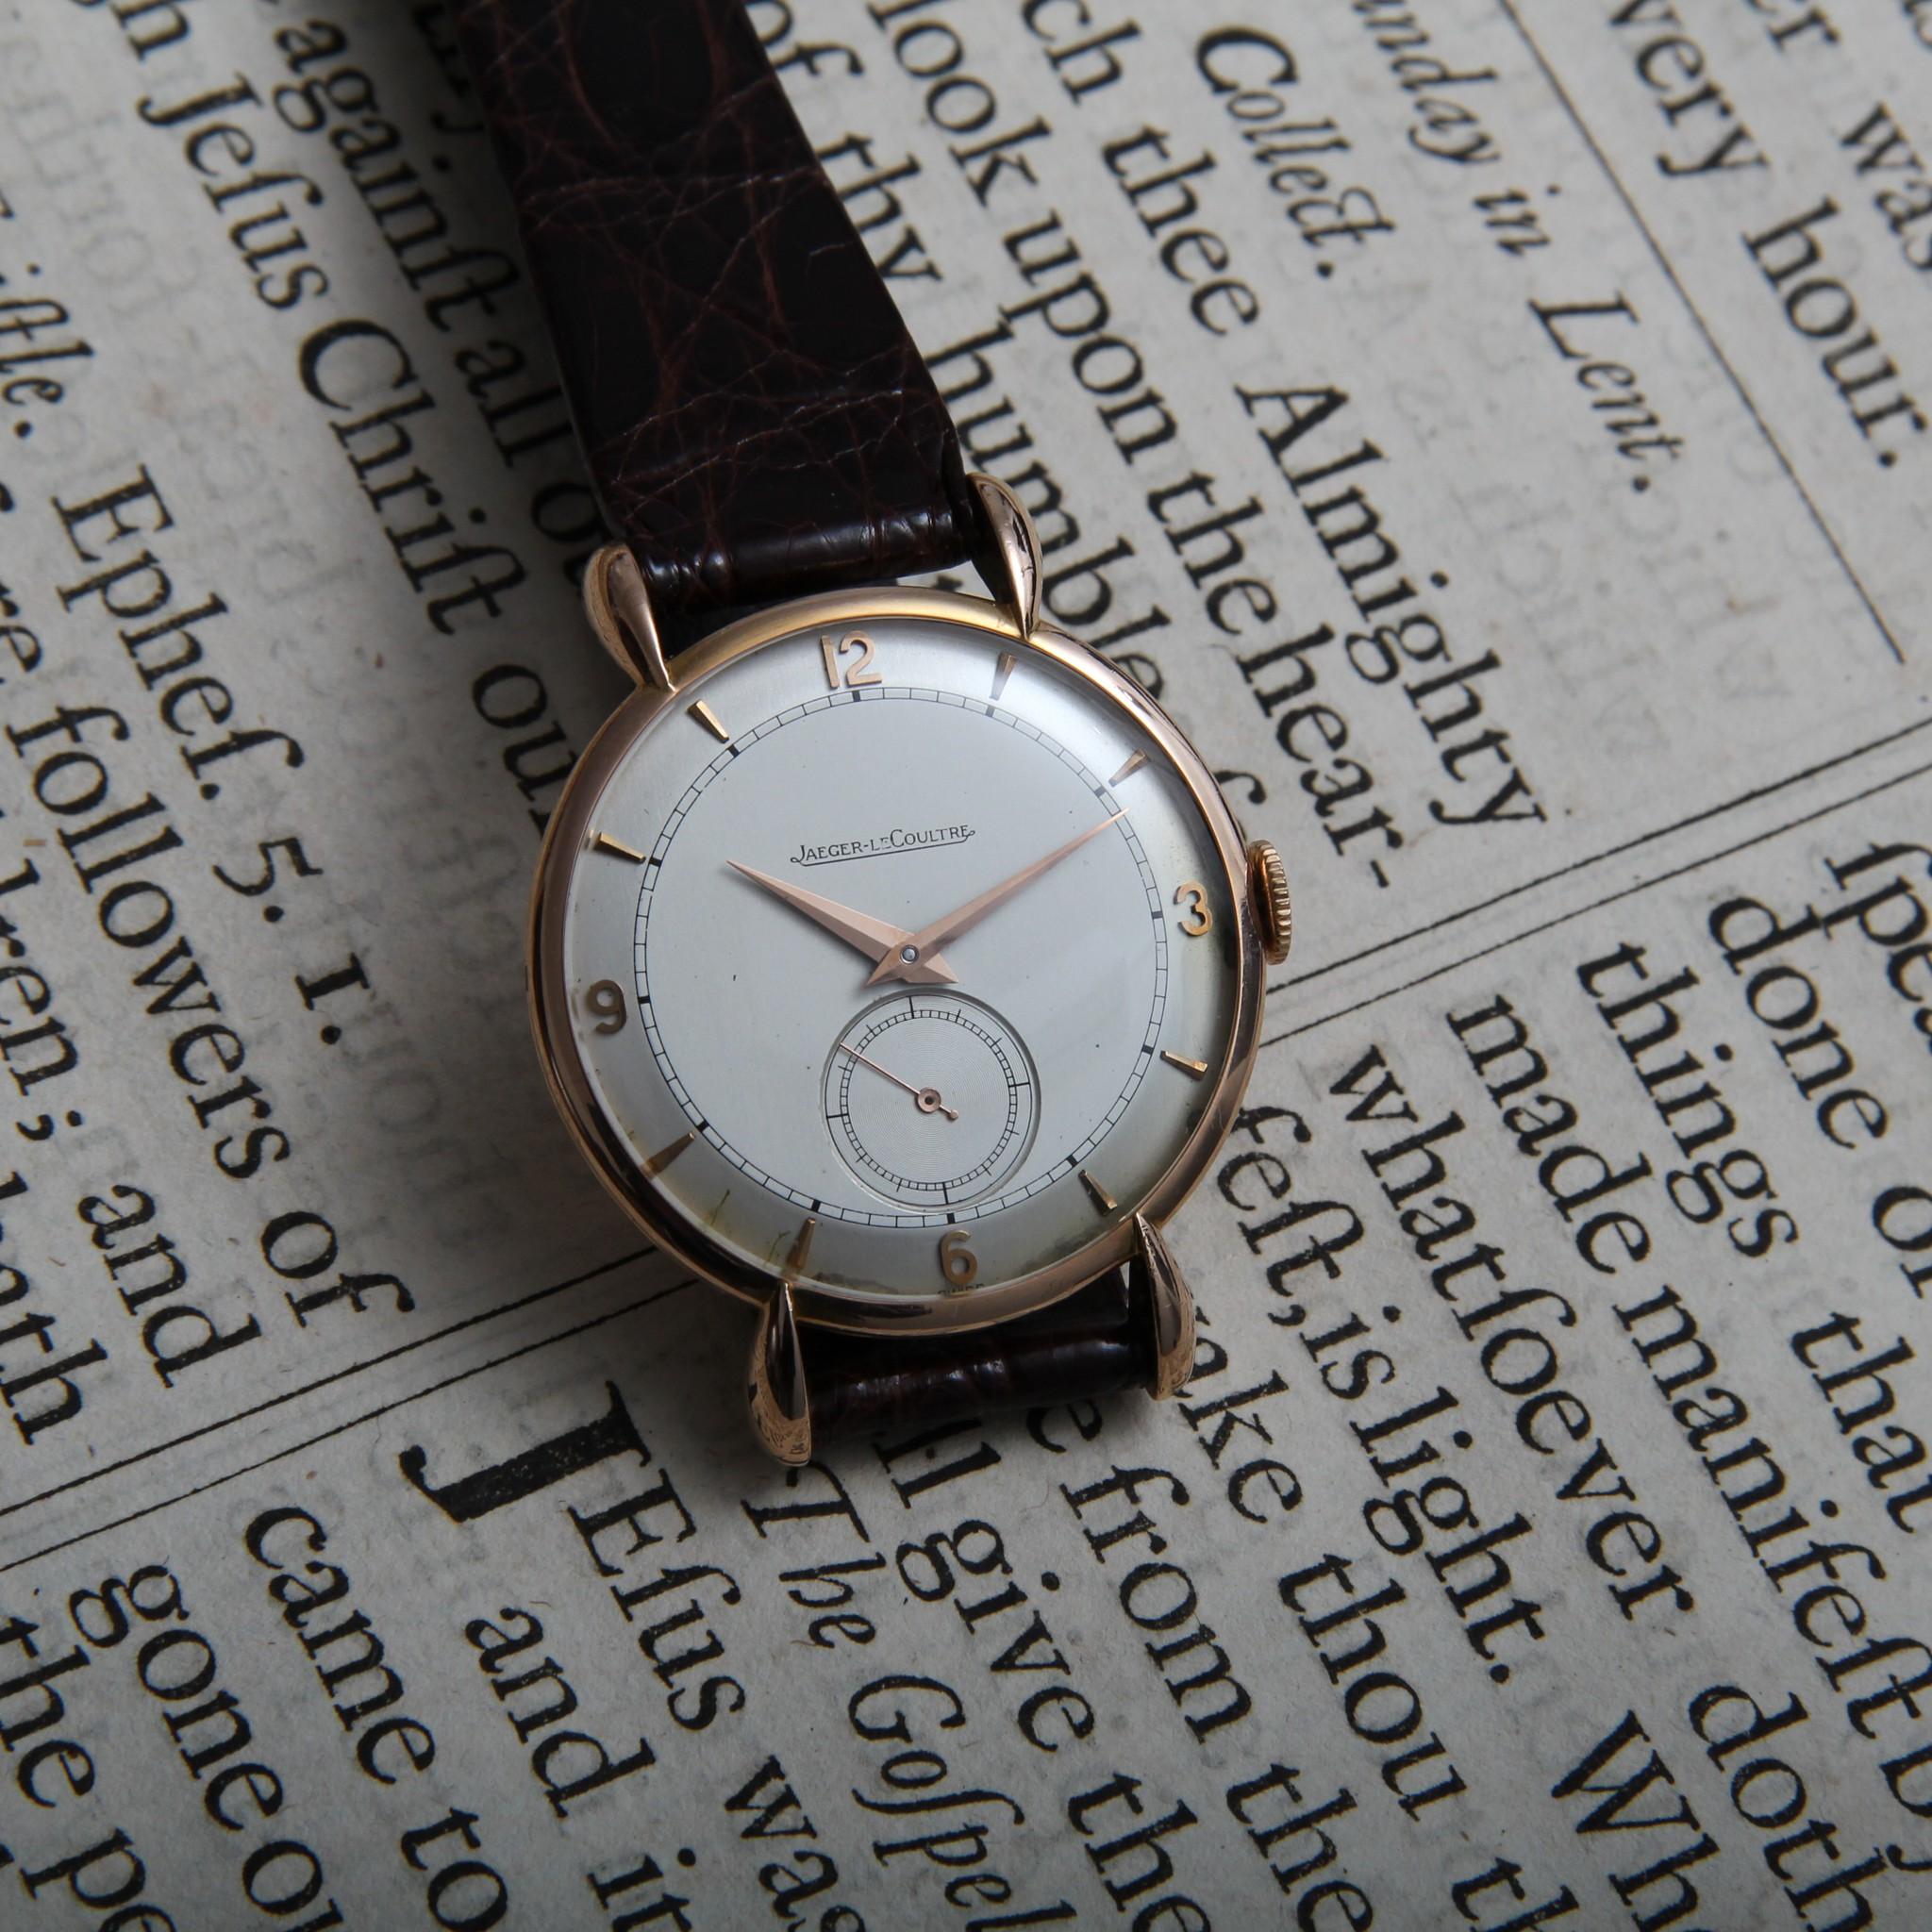 Jaeger LeCoultre Teardrop Lugs manual winding gold wristwatch